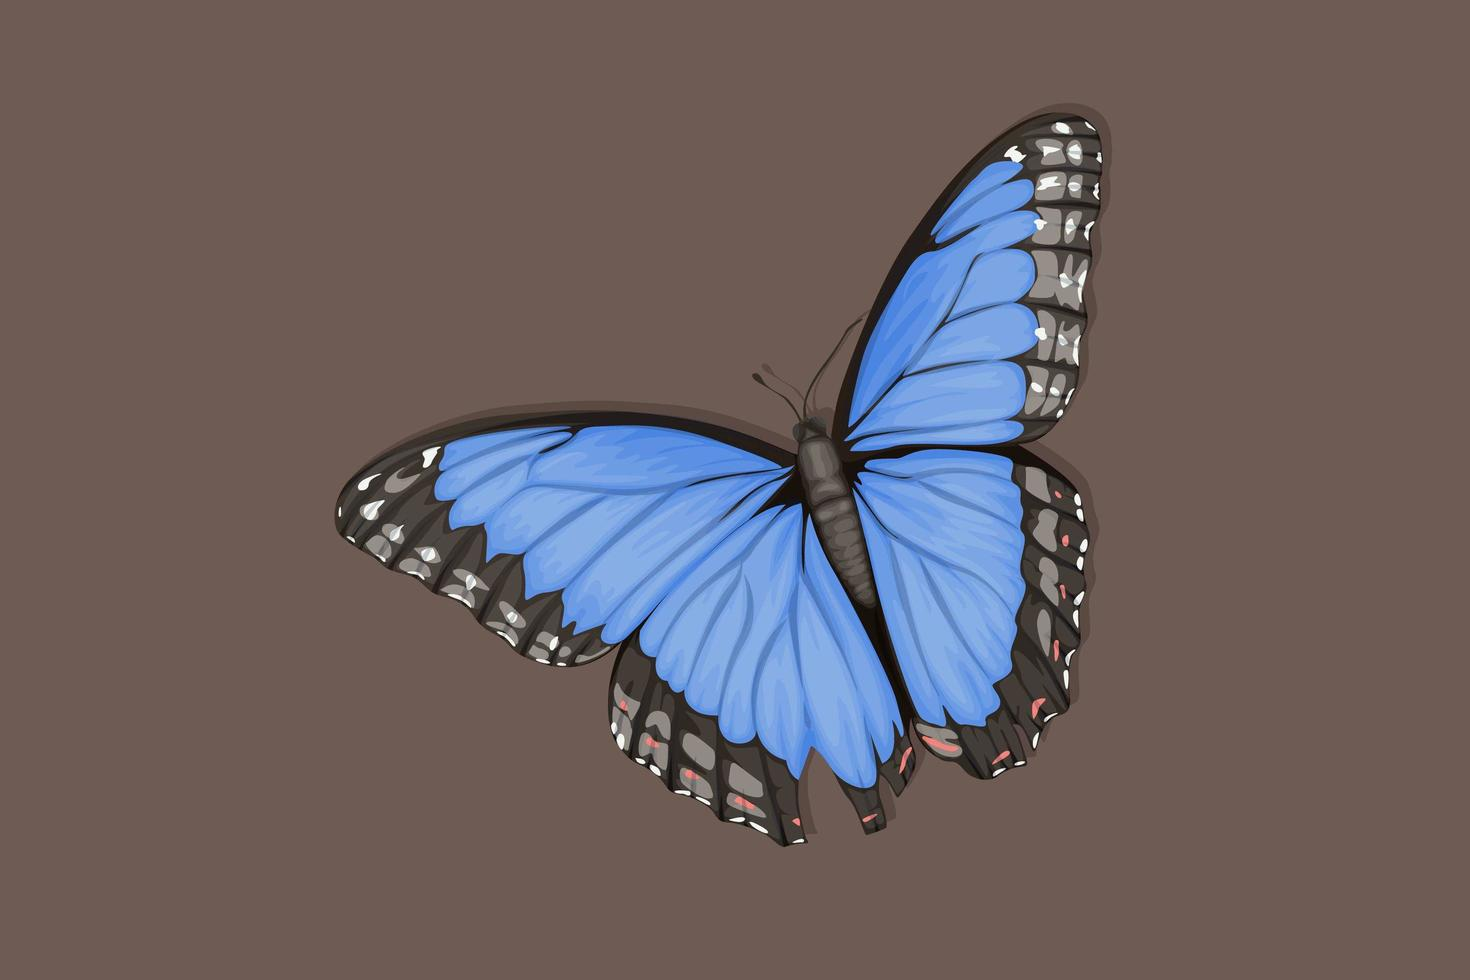 prachtige blauwe vlinder met sierlijke vleugels vector